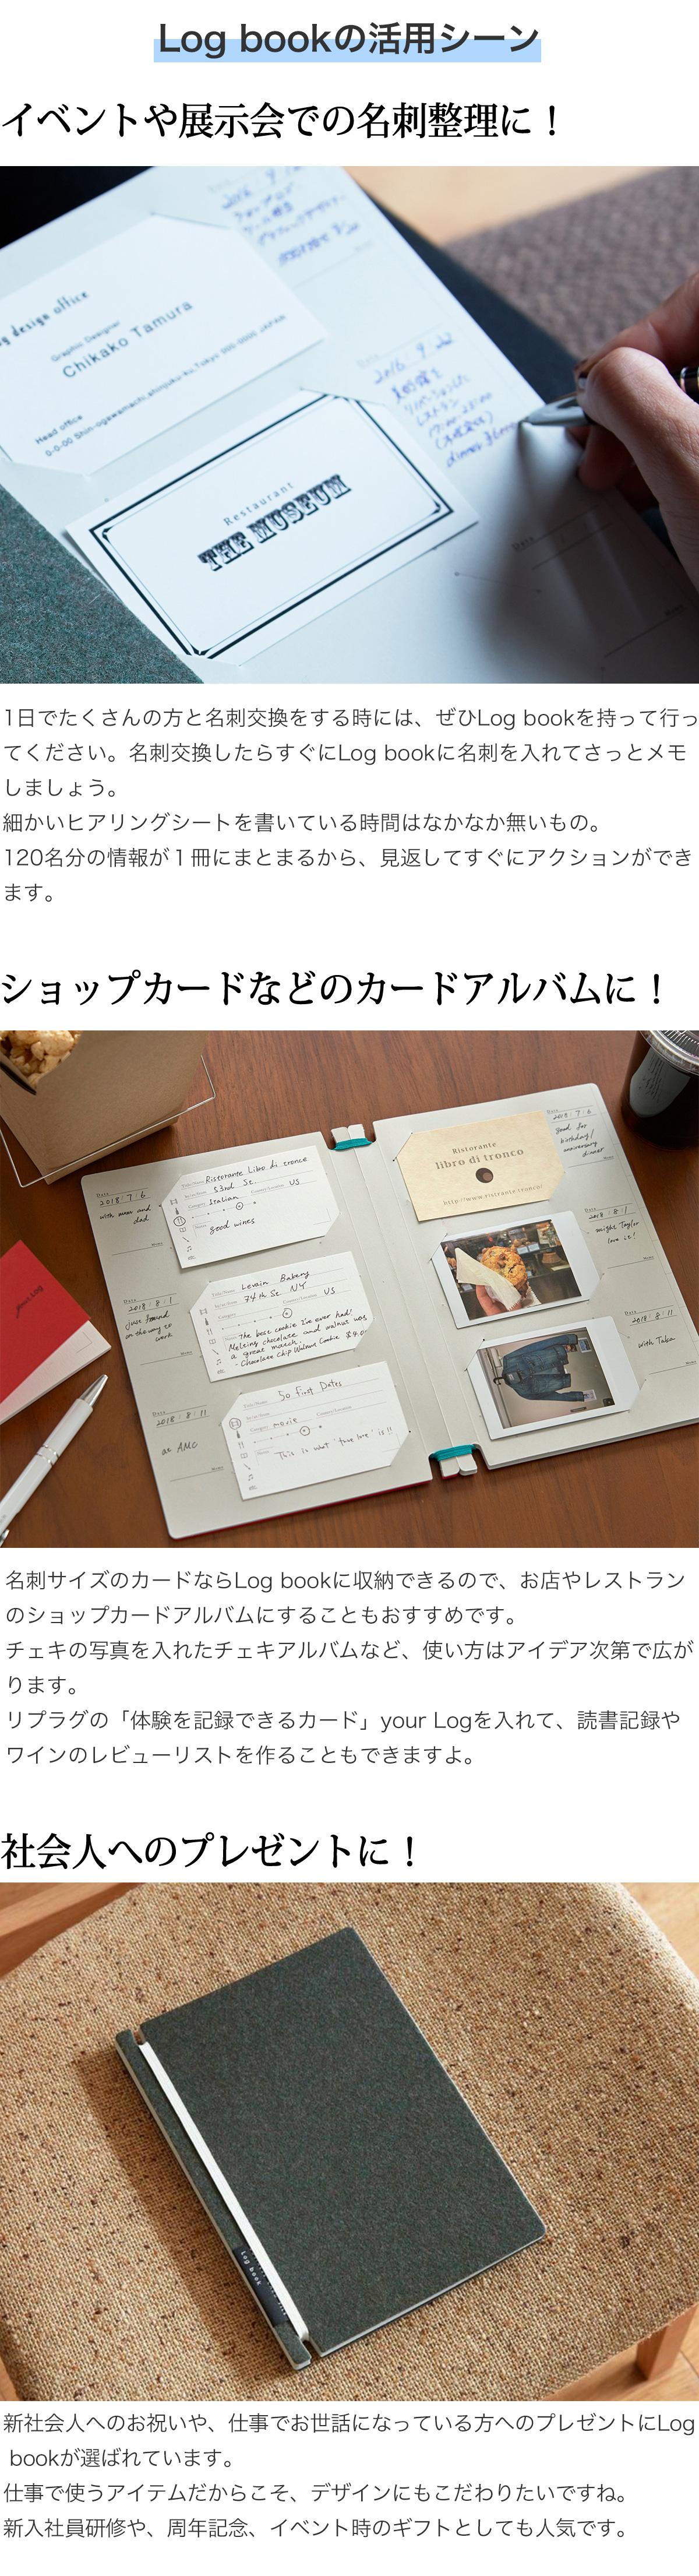 Log bookの活用シーン イベントや展示会での名刺整理に!1日でたくさんの方と名刺交換をする時には、ぜひLog bookを持って行ってください。名刺交換したらすぐにLog bookに名刺を入れてさっとメモしましょう。細かいヒアリングシートを書いている時間はなかなか無いもの。120名分の情報が1冊にまとまるから、見返してすぐにアクションができます。 ショップカードなどのカードアルバムに!名刺サイズのカードならLog bookに収納できるので、お店やレストランのショップカードアルバムにすることもおすすめです。チェキの写真を入れたチェキアルバムなど、使い方はアイデア次第で広がります。リプラグの「体験を記録できるカード」your Logを入れて、体験アルバムやお料理レシピ集を作ることもできますよ。 社会人へのプレゼントに!新社会人へのお祝いや、仕事でお世話になっている方へのプレゼントにLog bookが選ばれています。仕事で使うアイテムだからこそ、デザインにもこだわりたいですね。新入社員研修や、周年記念、イベント時のギフトとしても人気です。